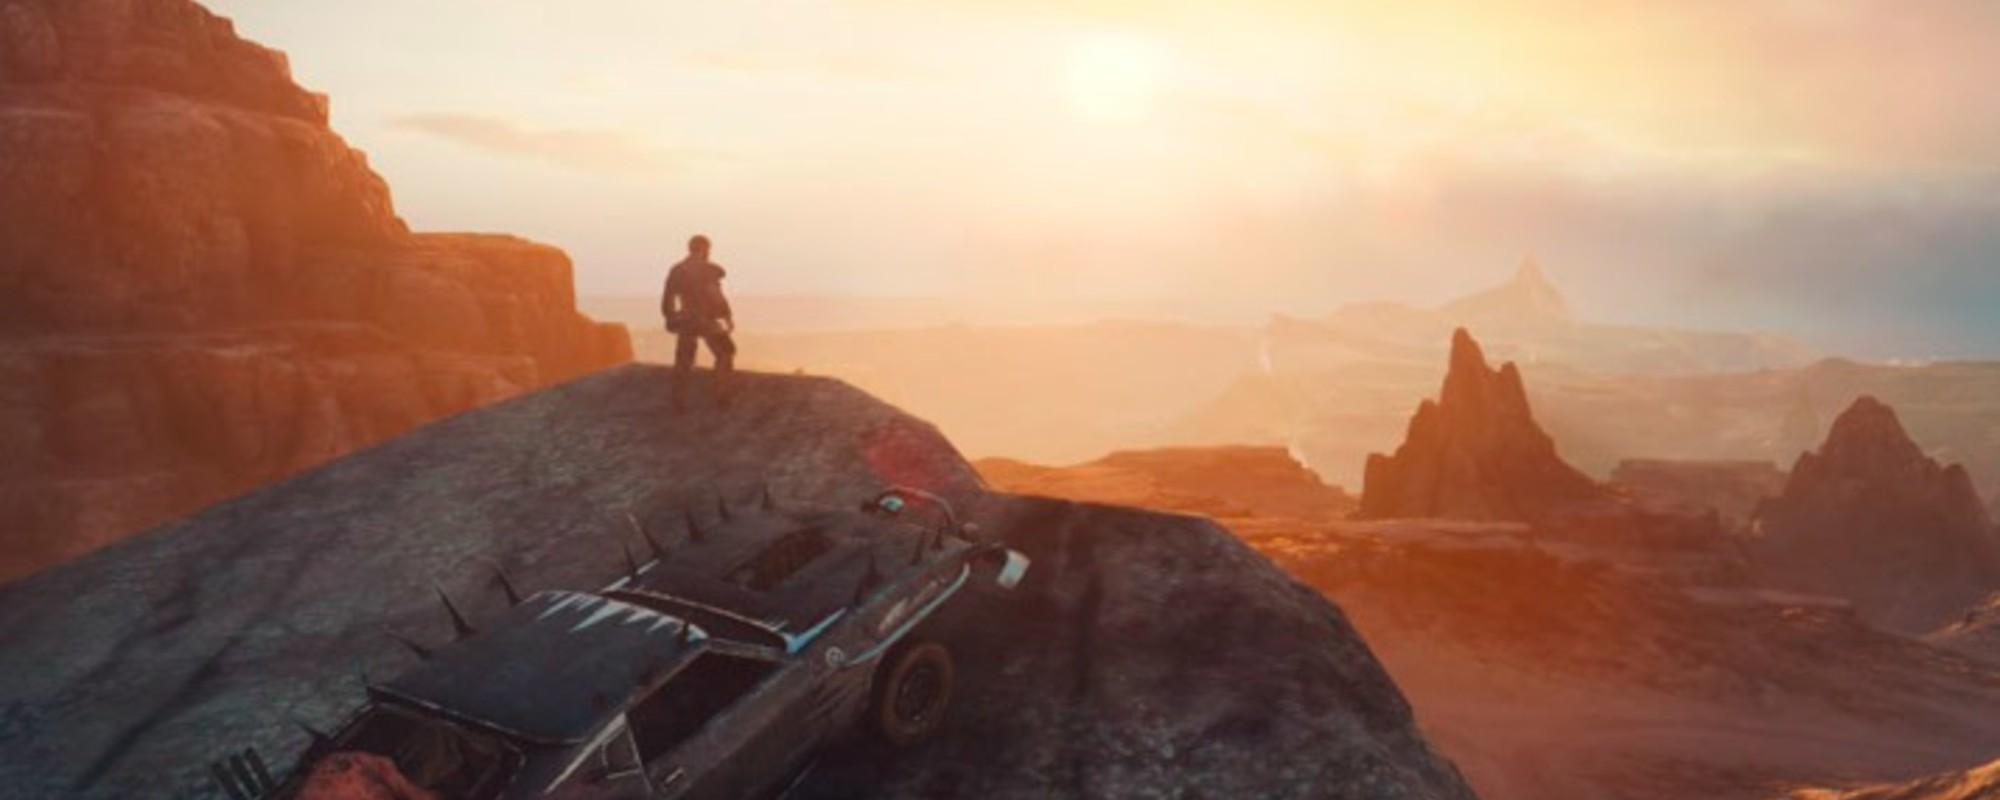 Recorremos el desolado y hermoso mundo del juego 'Mad Max'